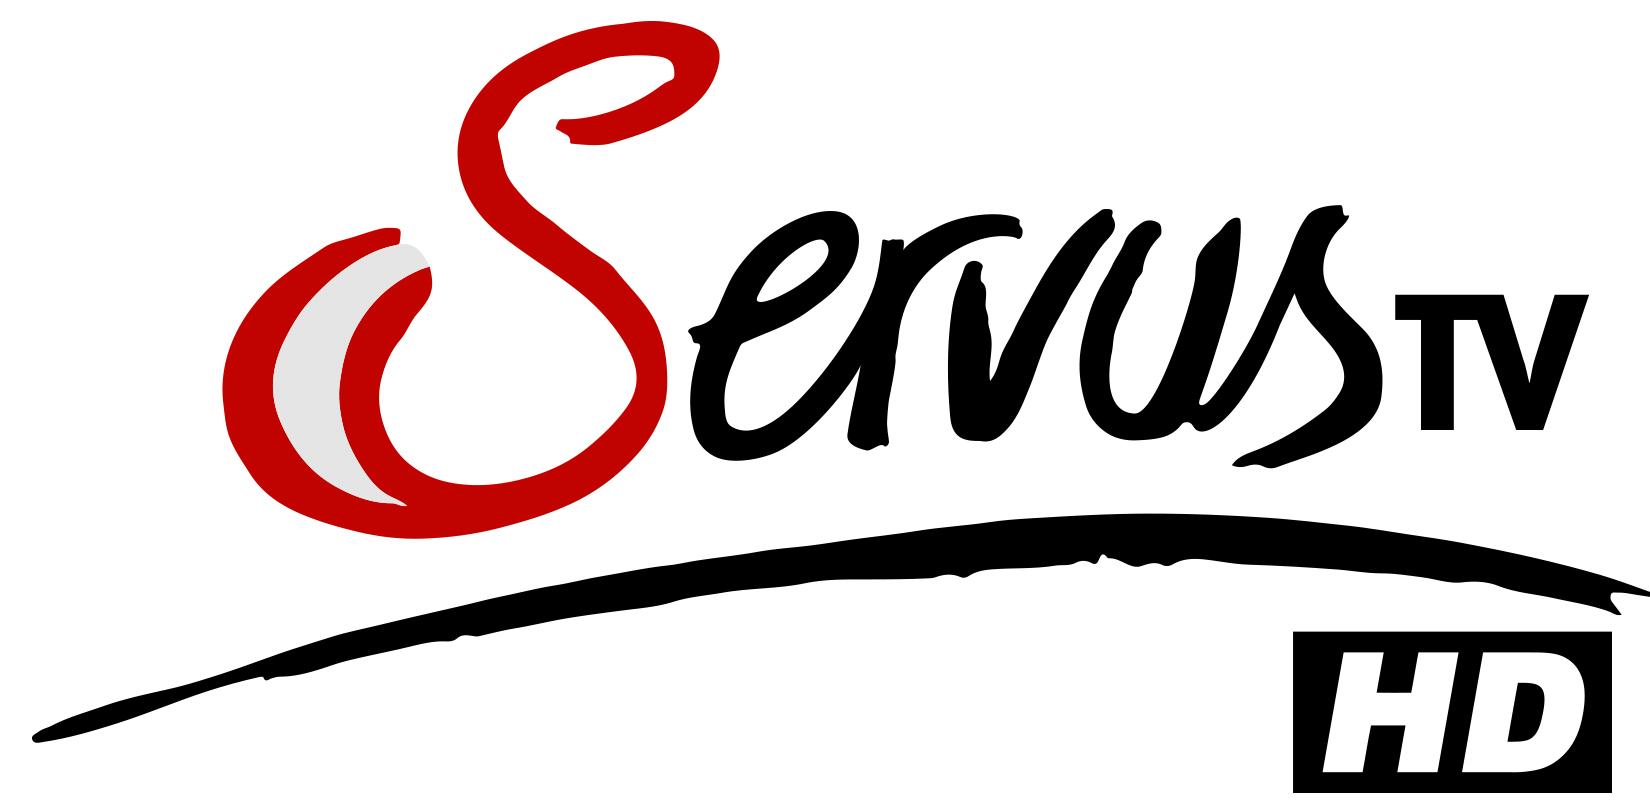 Senderlogo ServusTV HD